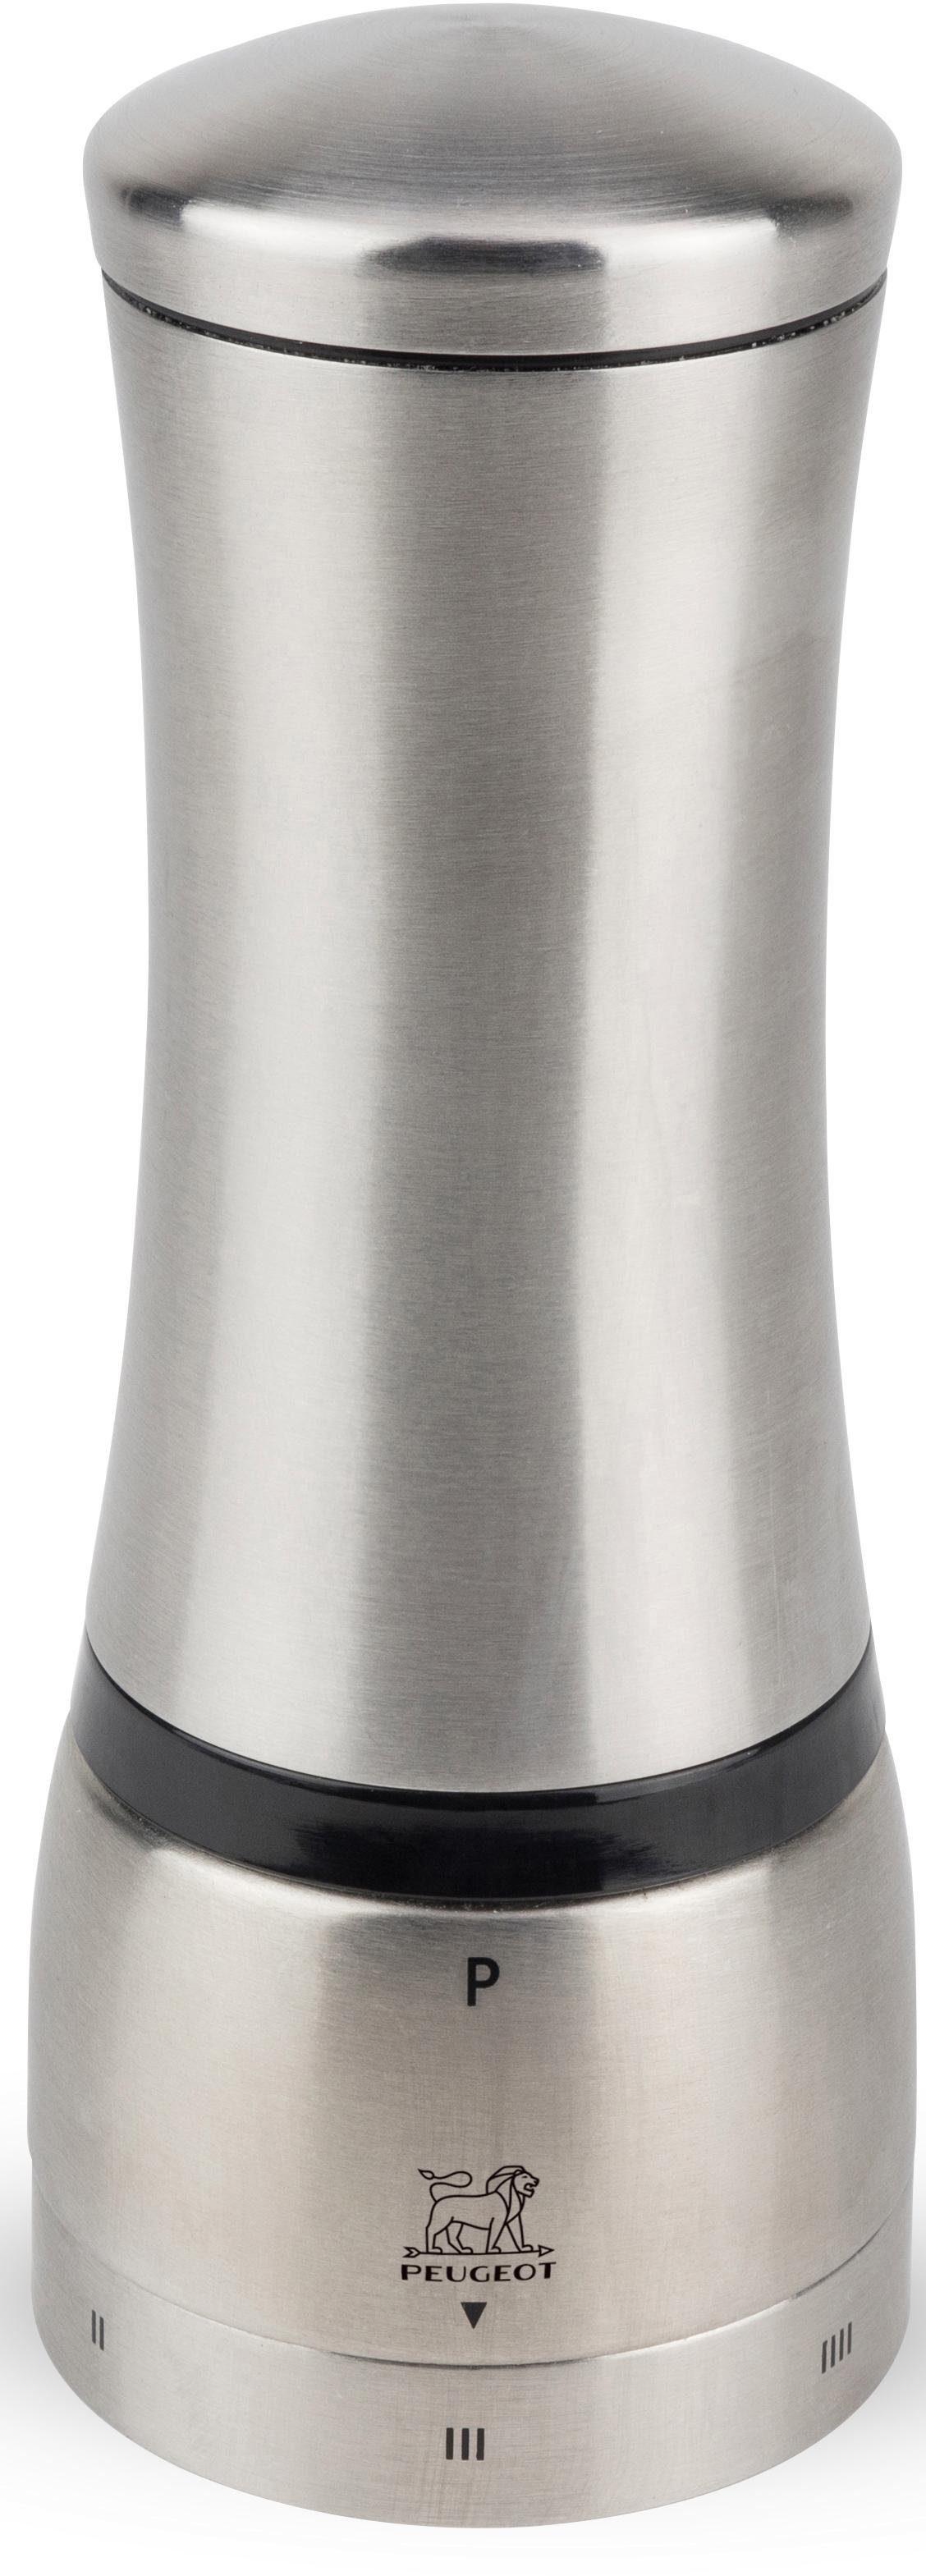 PEUGEOT Pfeffermühle »Mahé« manuell, U'Select«, ohne Mittelachse, 16 cm